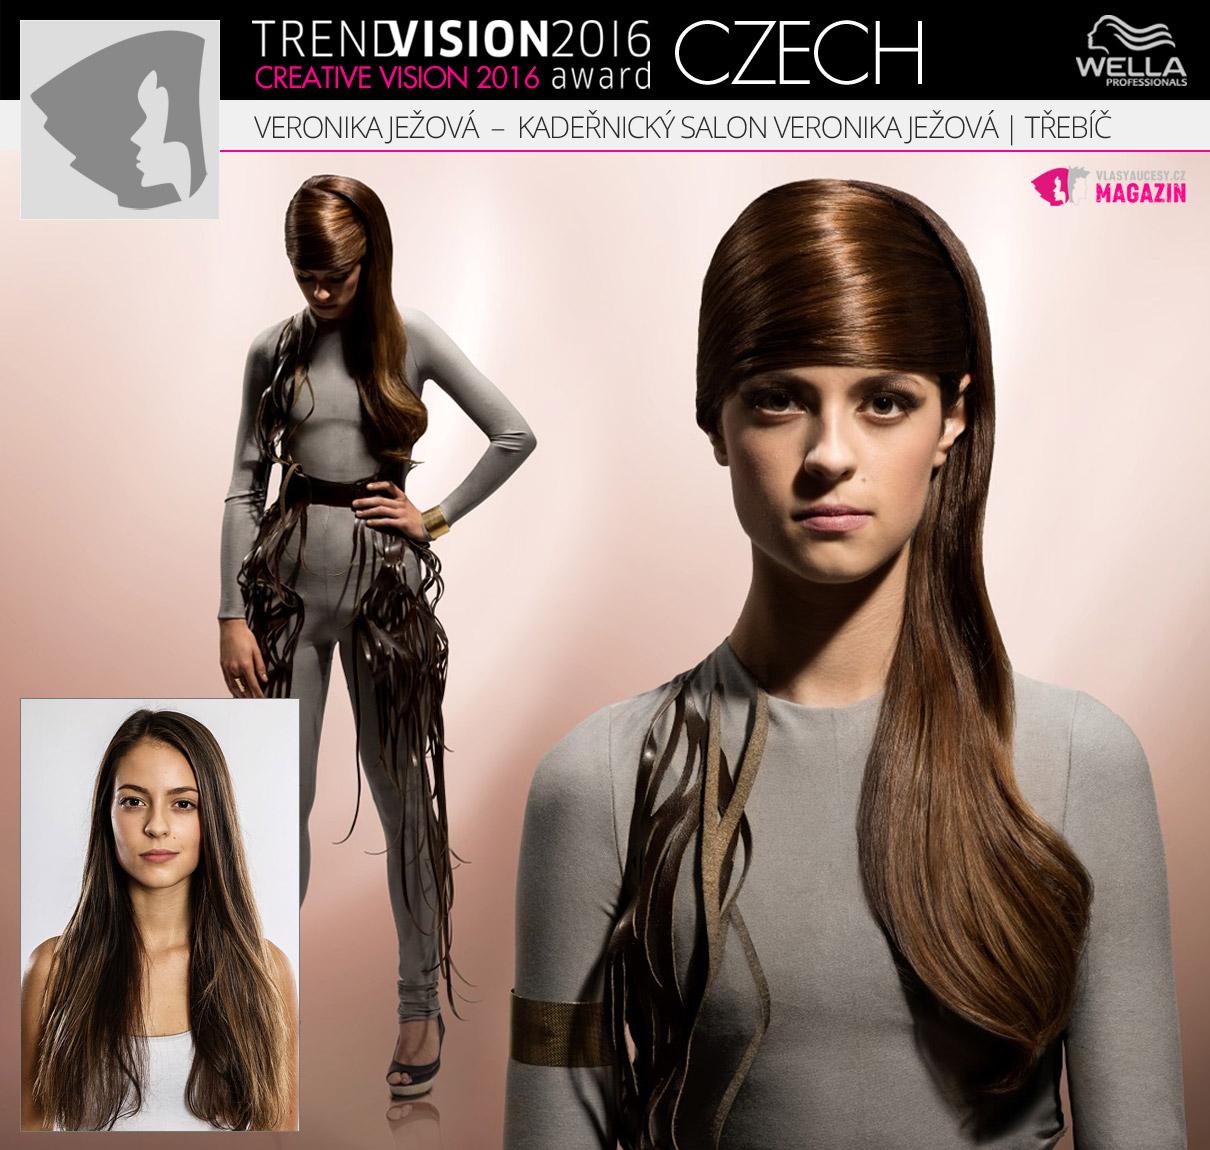 Veronika Ježová, Kadeřnický salon Veronika Ježová, Třebíč –Wella Professionals Trend Vision Award Česká republika, kategorie Creative Vision 2016.